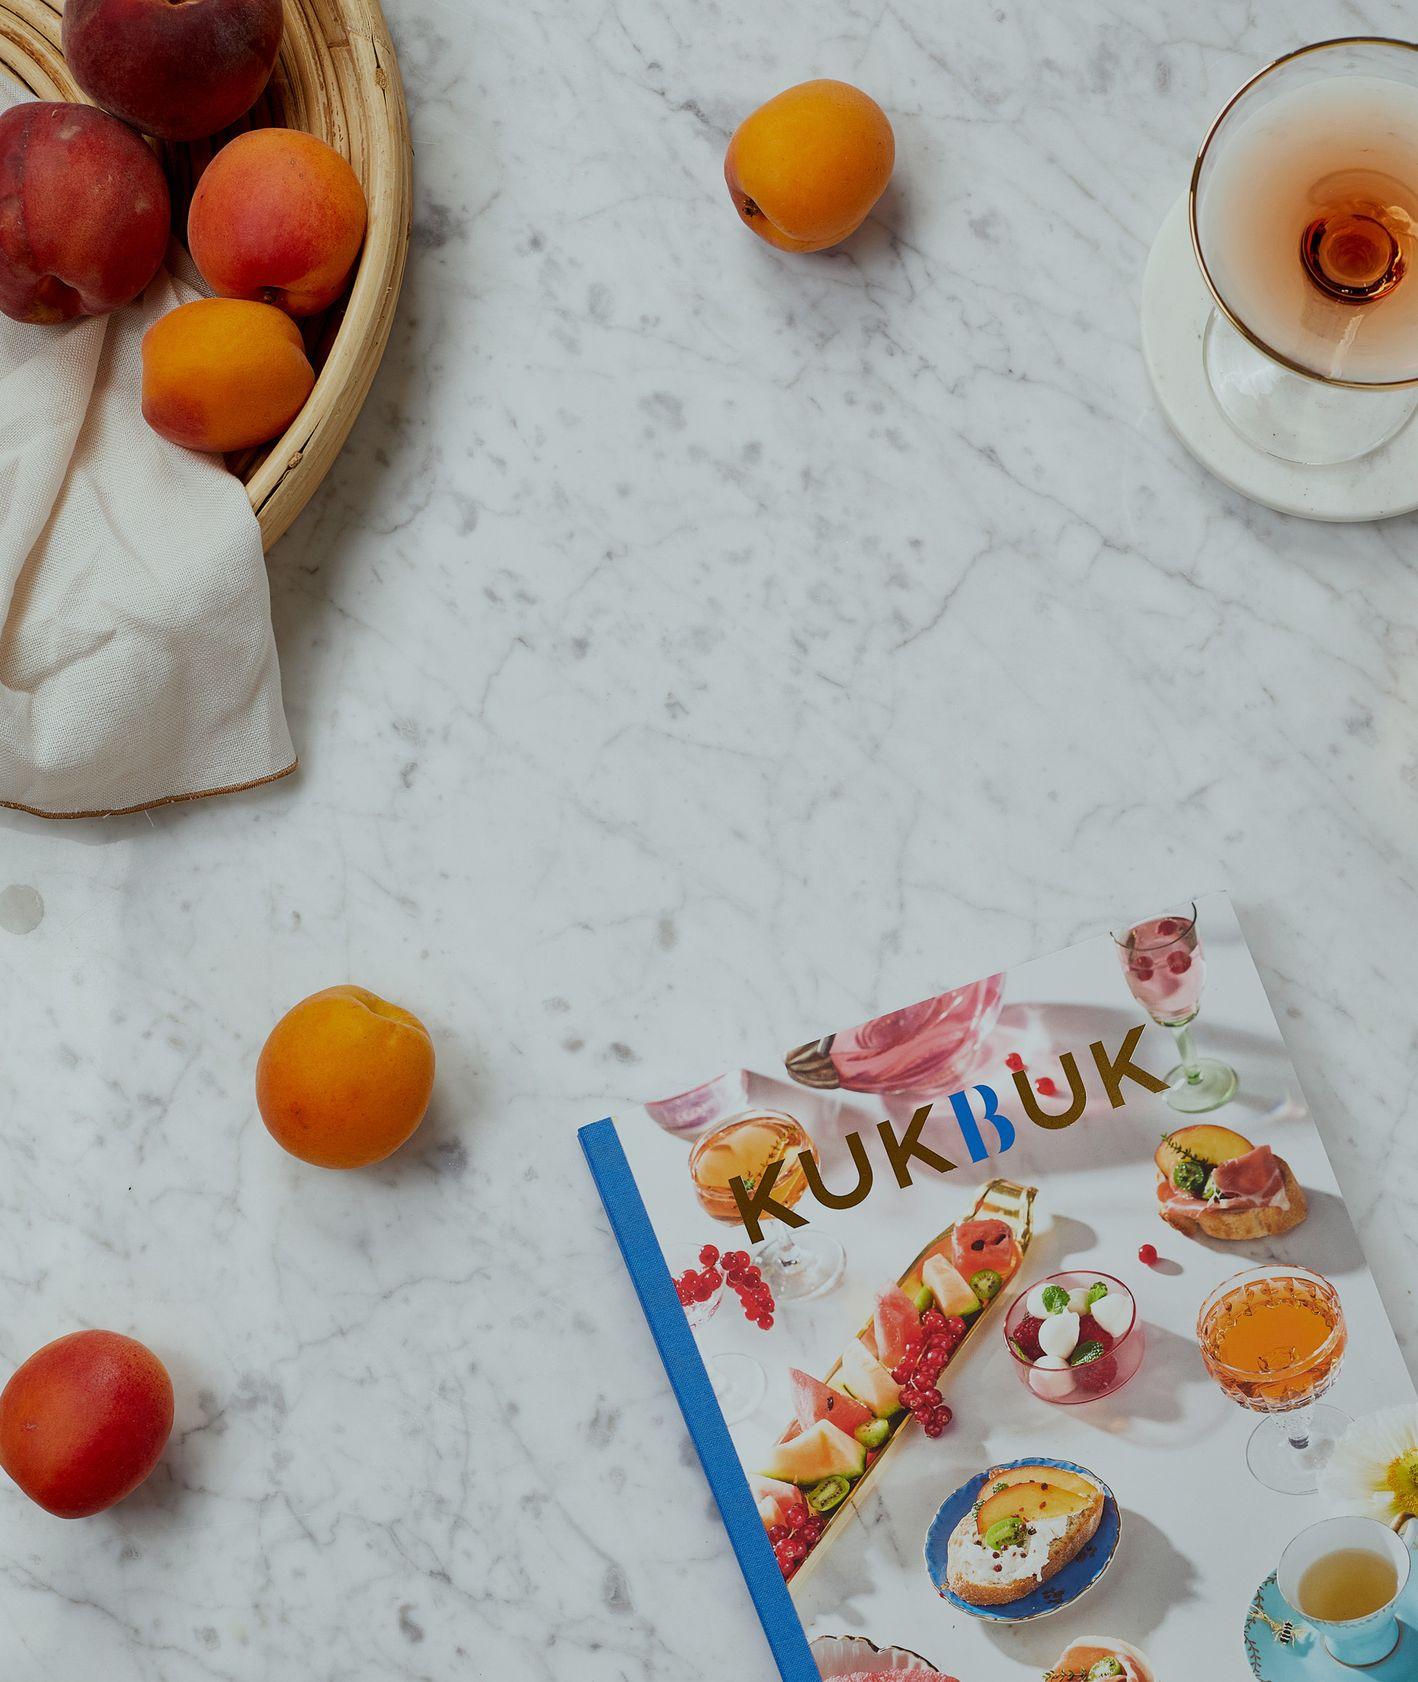 Letnie wydania kwartalnika KUKBUK